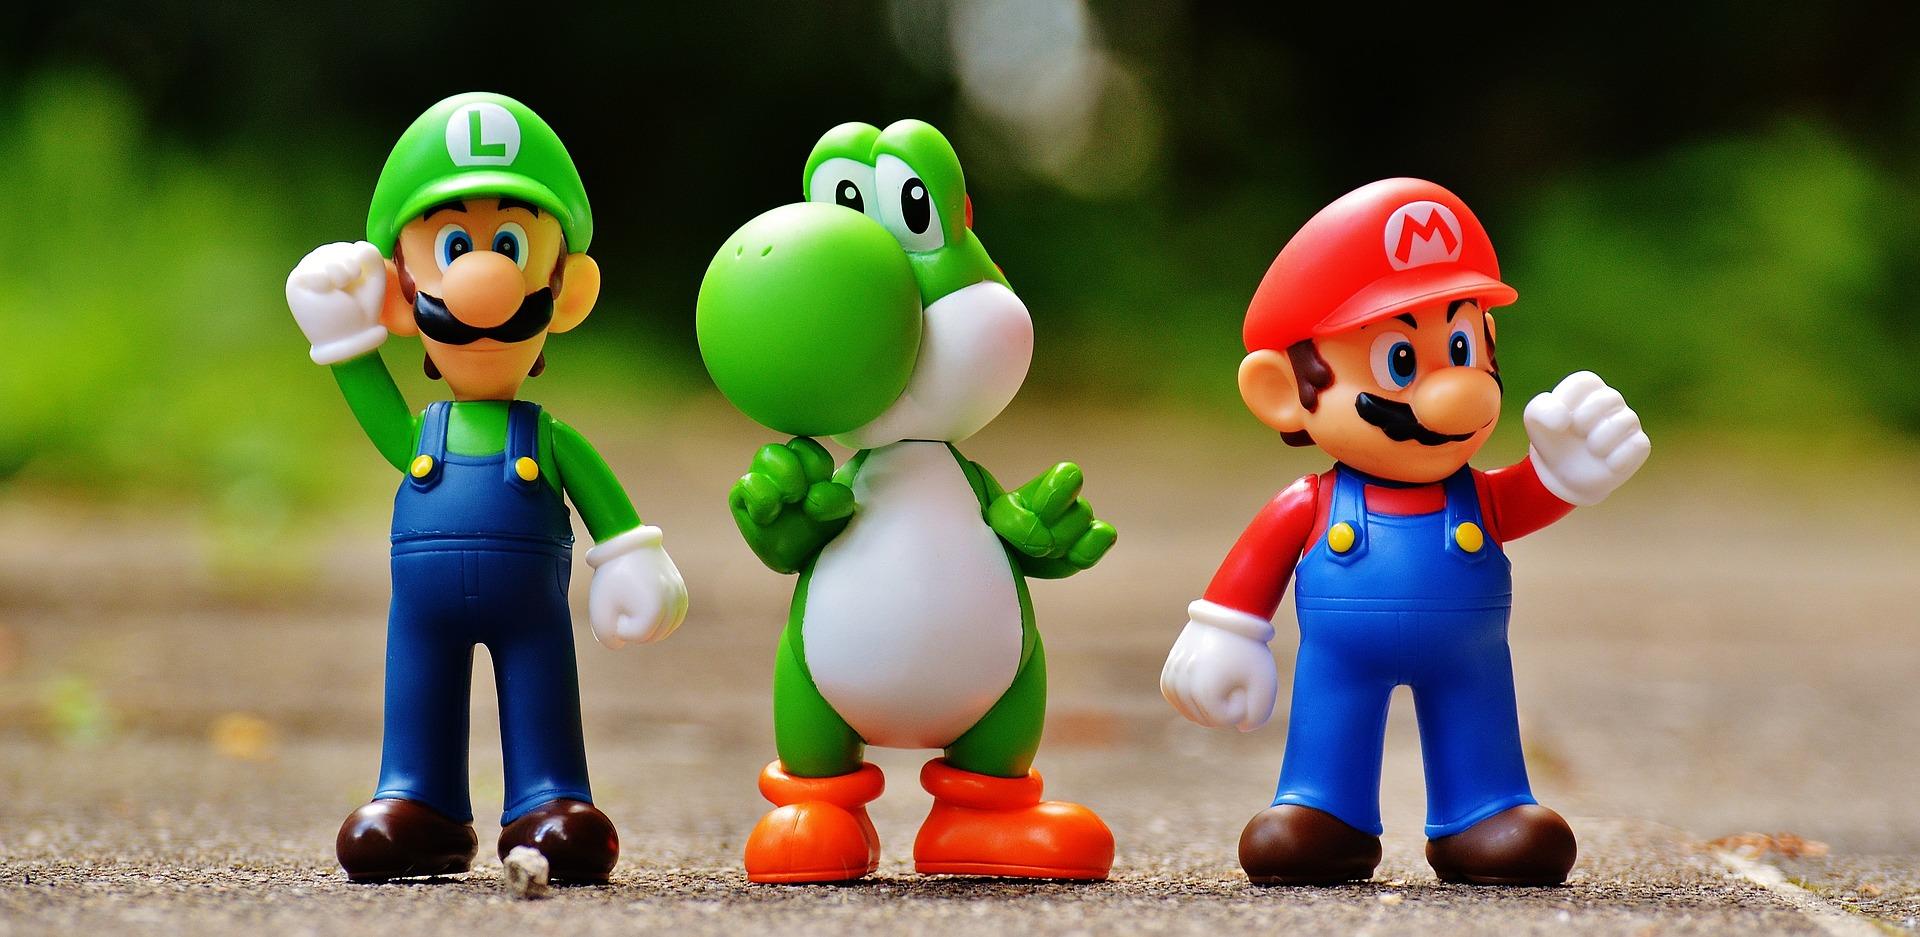 Mario, Luigi and friends